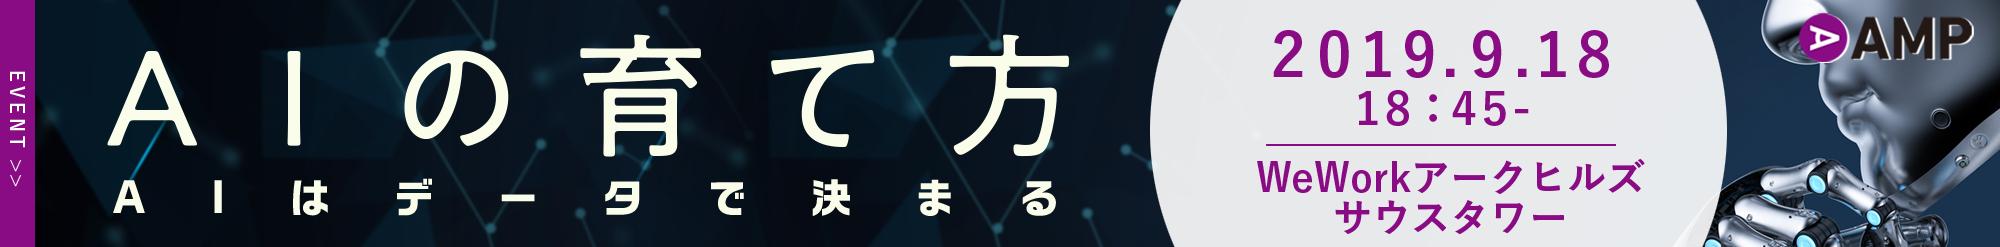 event-ai